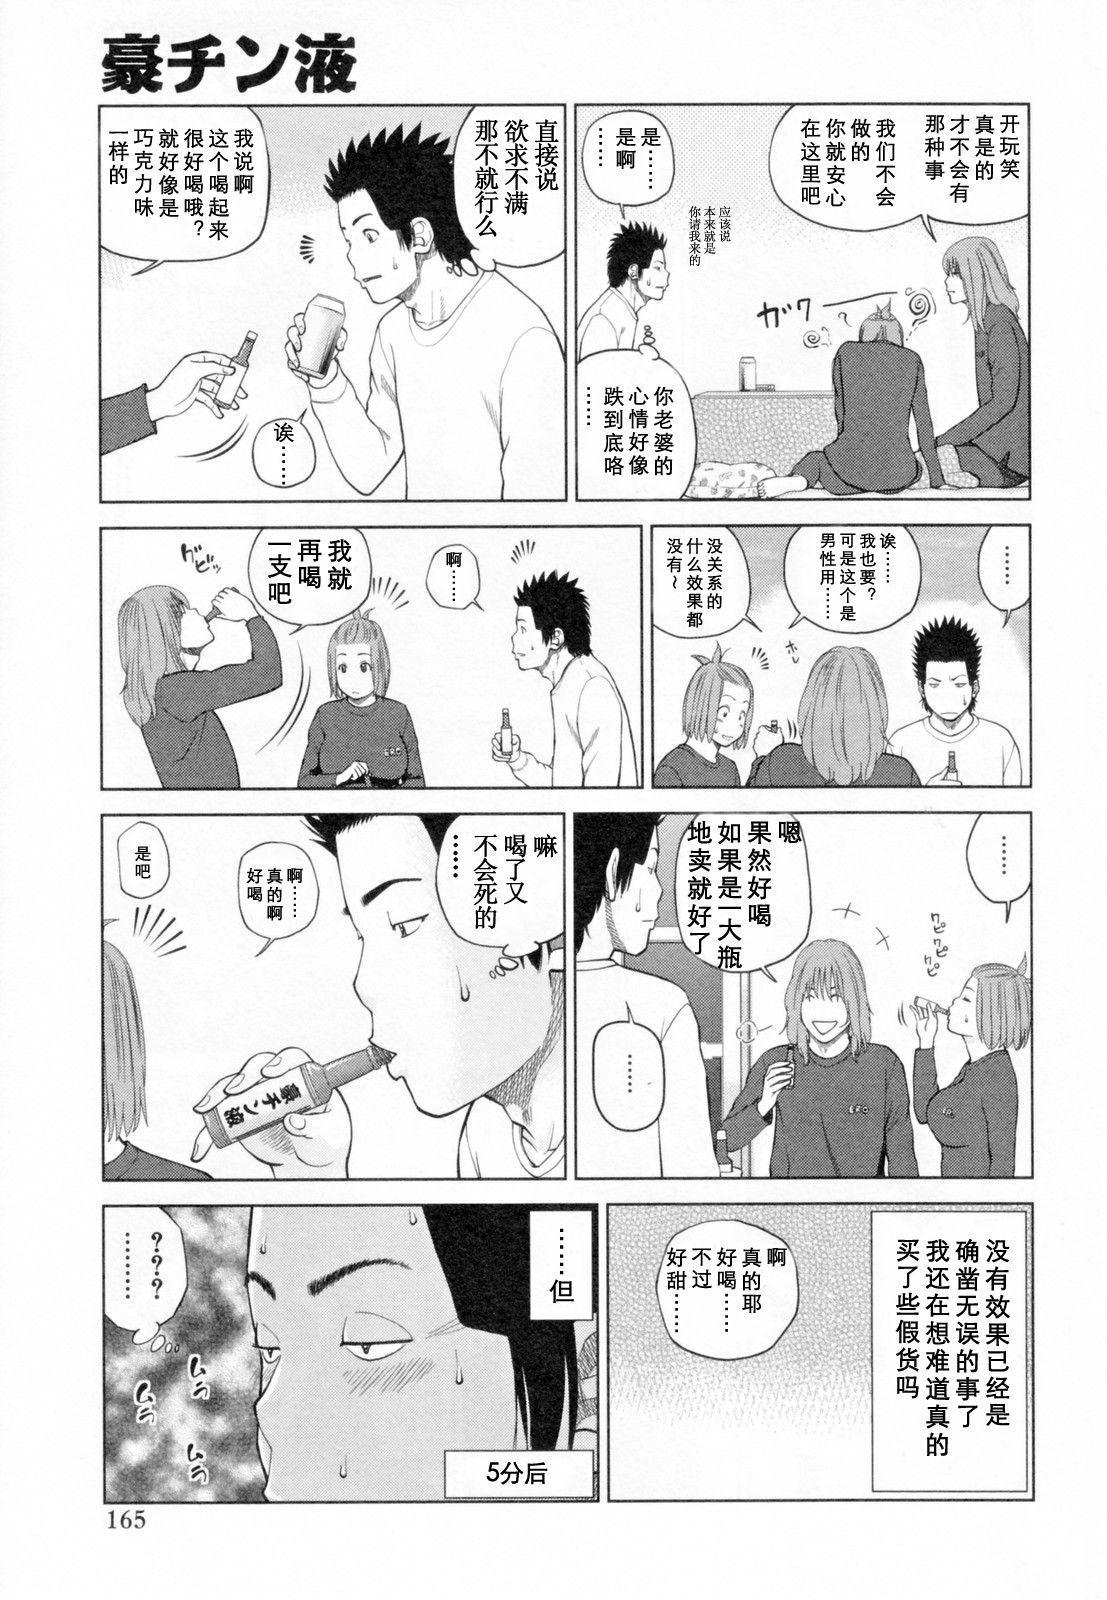 32 Sai Yokkyuufuman no Hitozuma 168